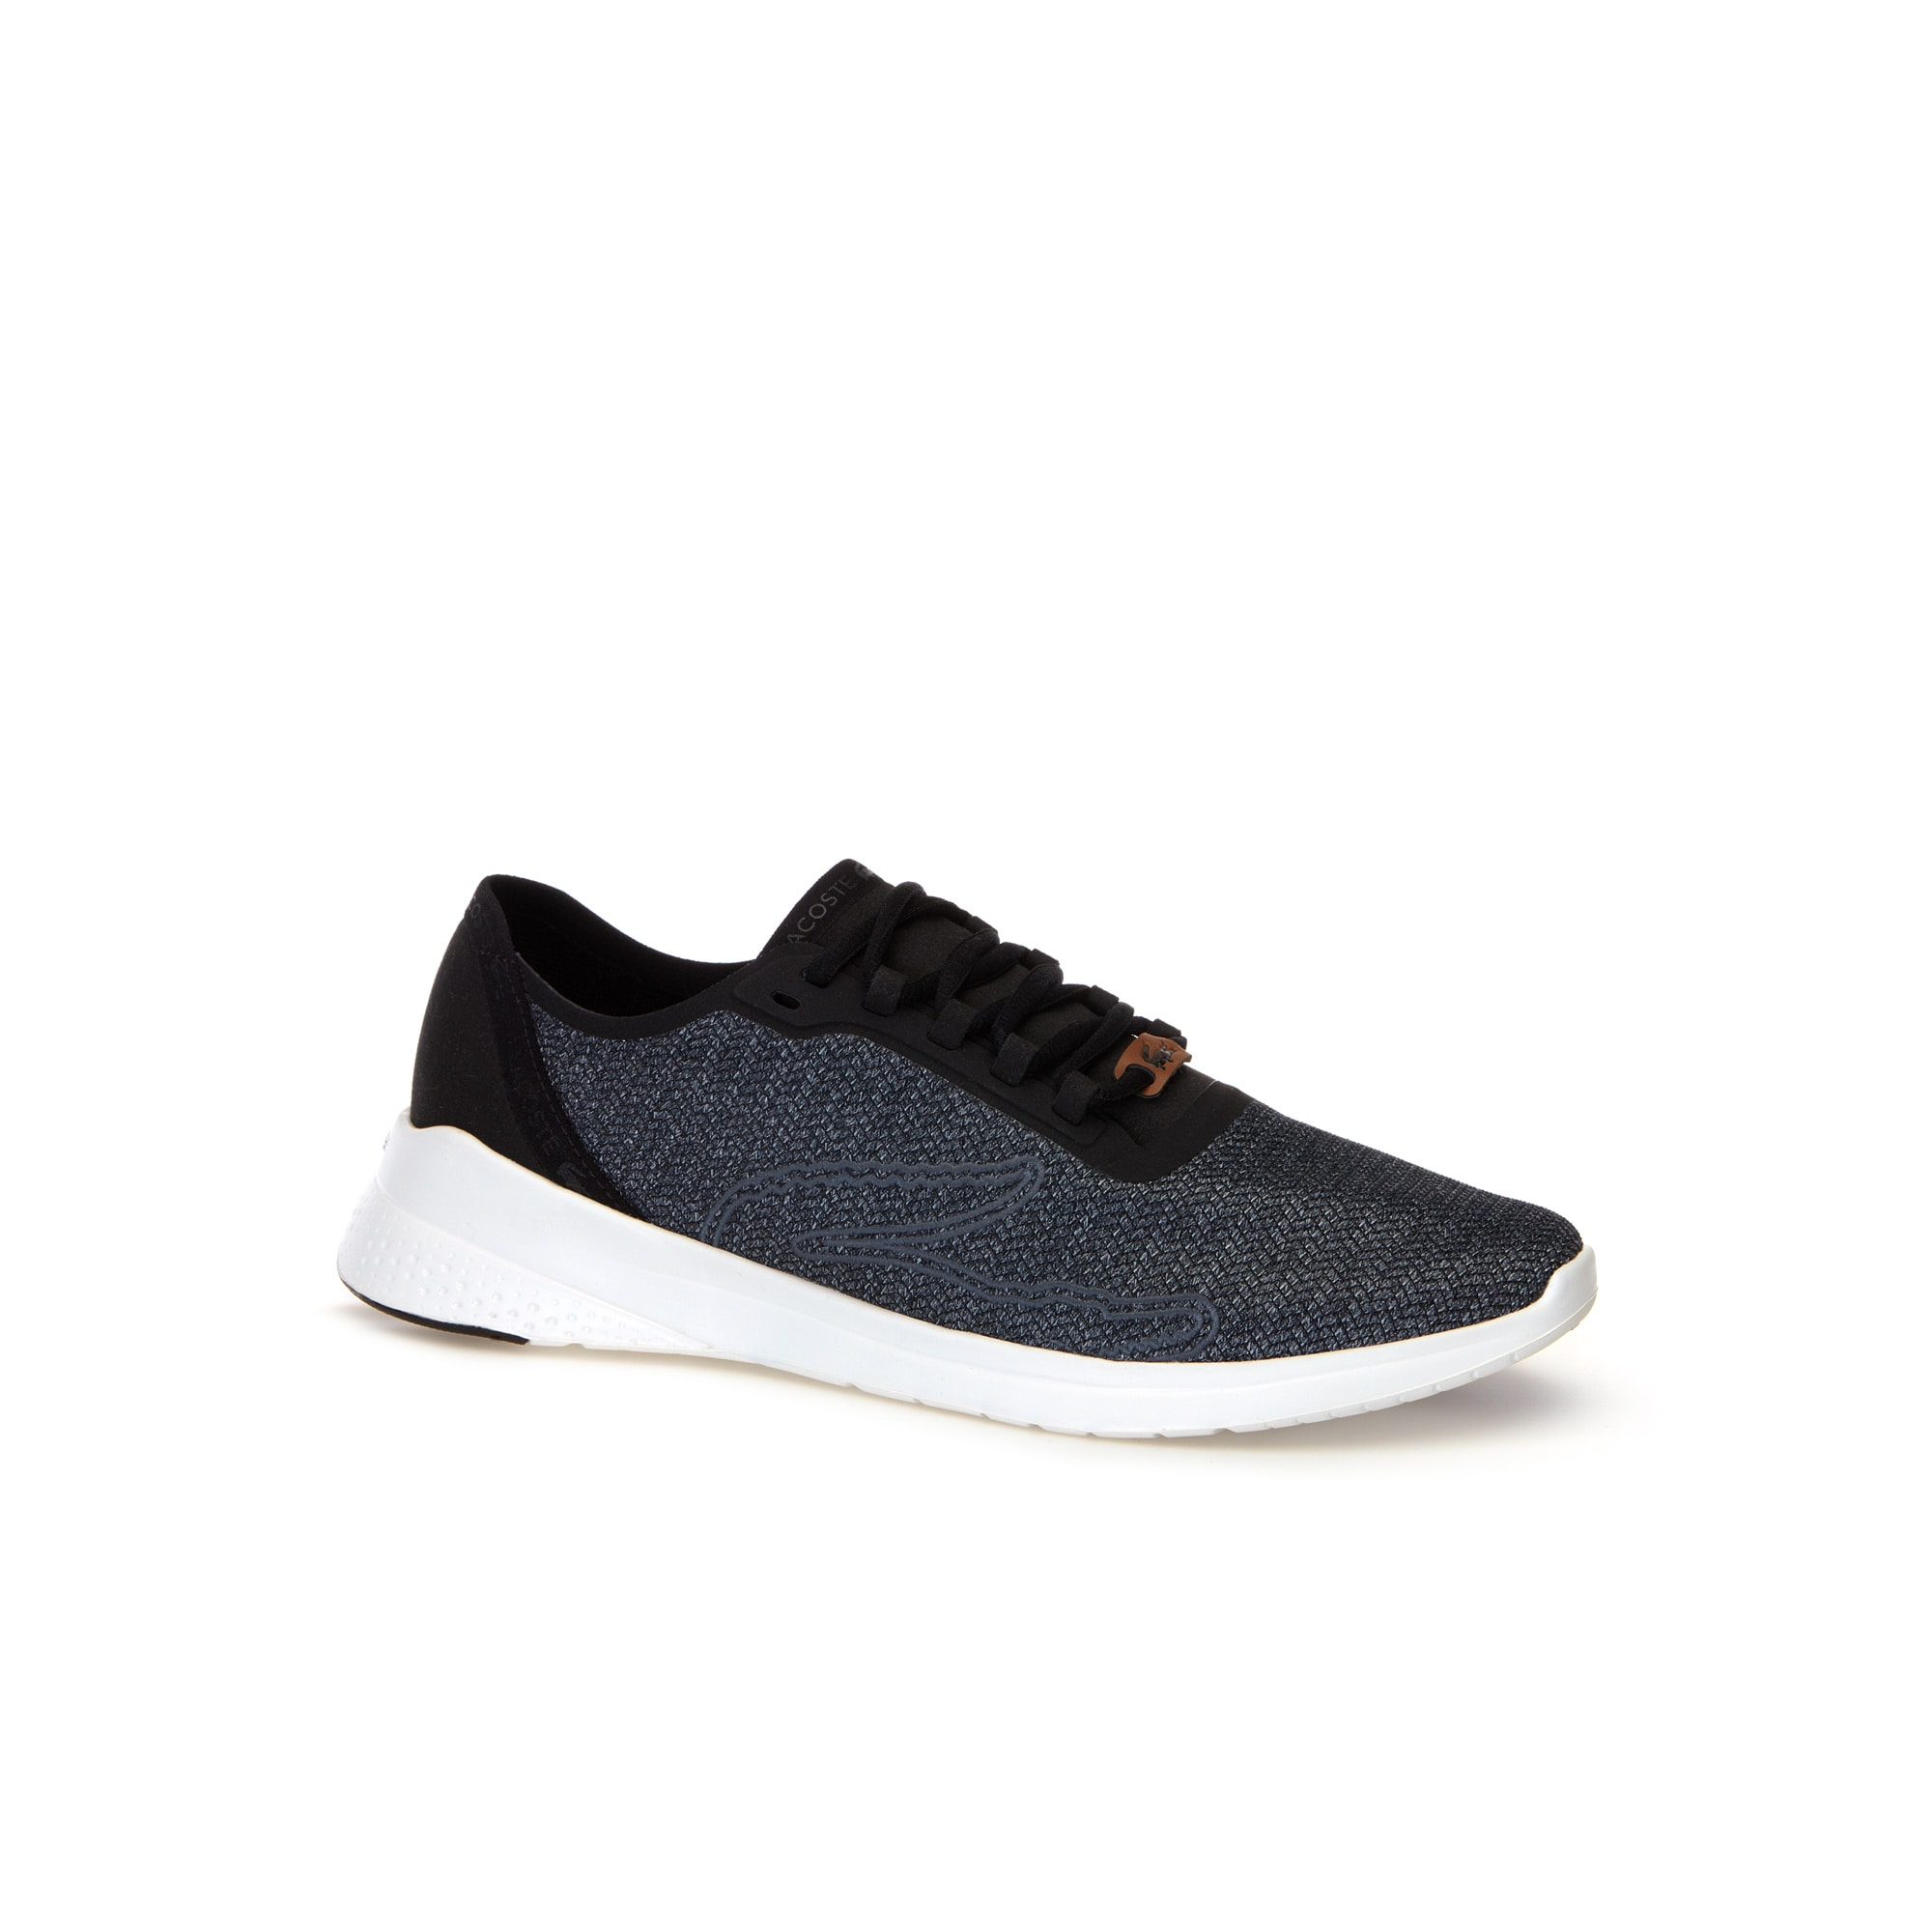 حذاء LT Fit من قماش البيكيه الرياضي للرجال